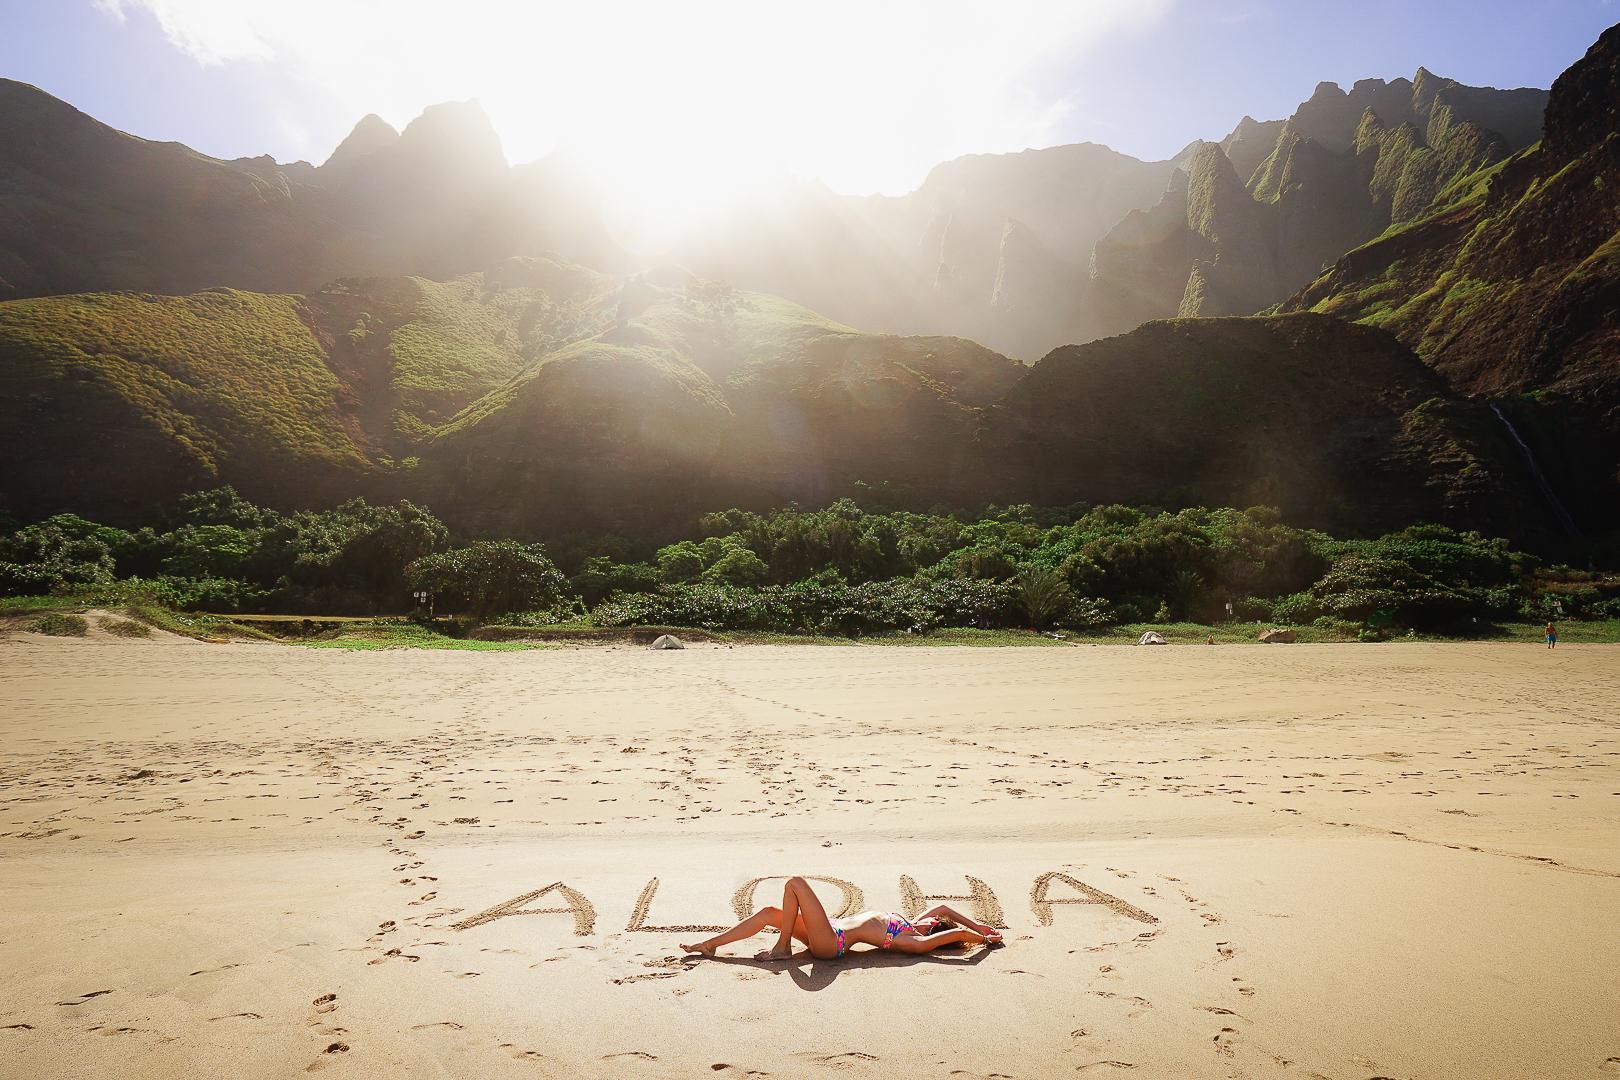 Jess Wandering relaxing on Kalalau Beach in Kauai.